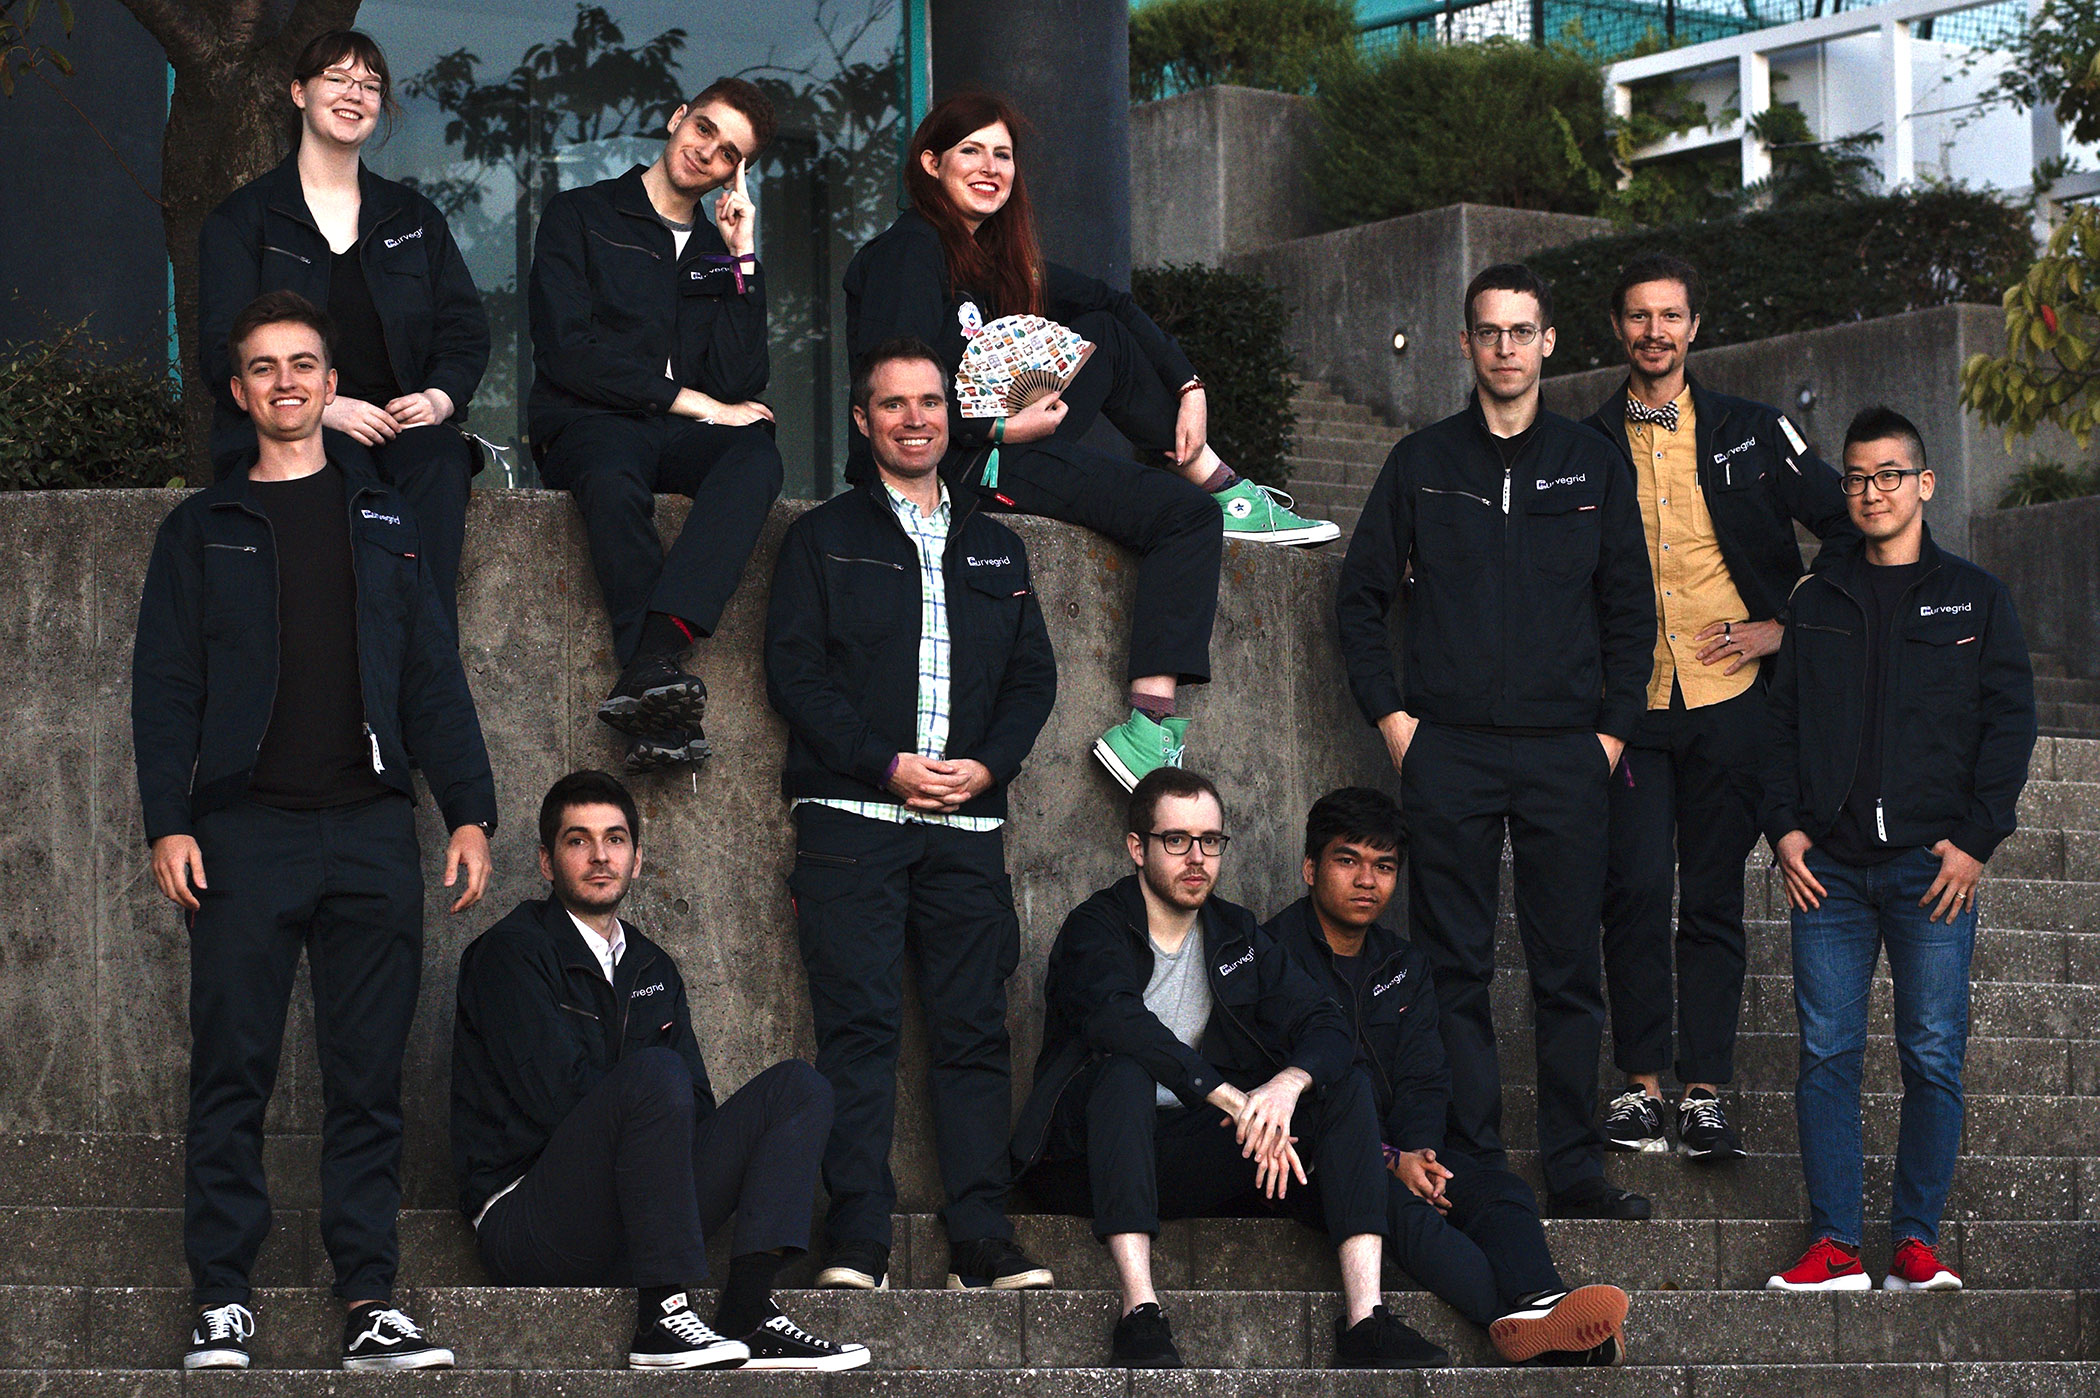 Curvegrid Team